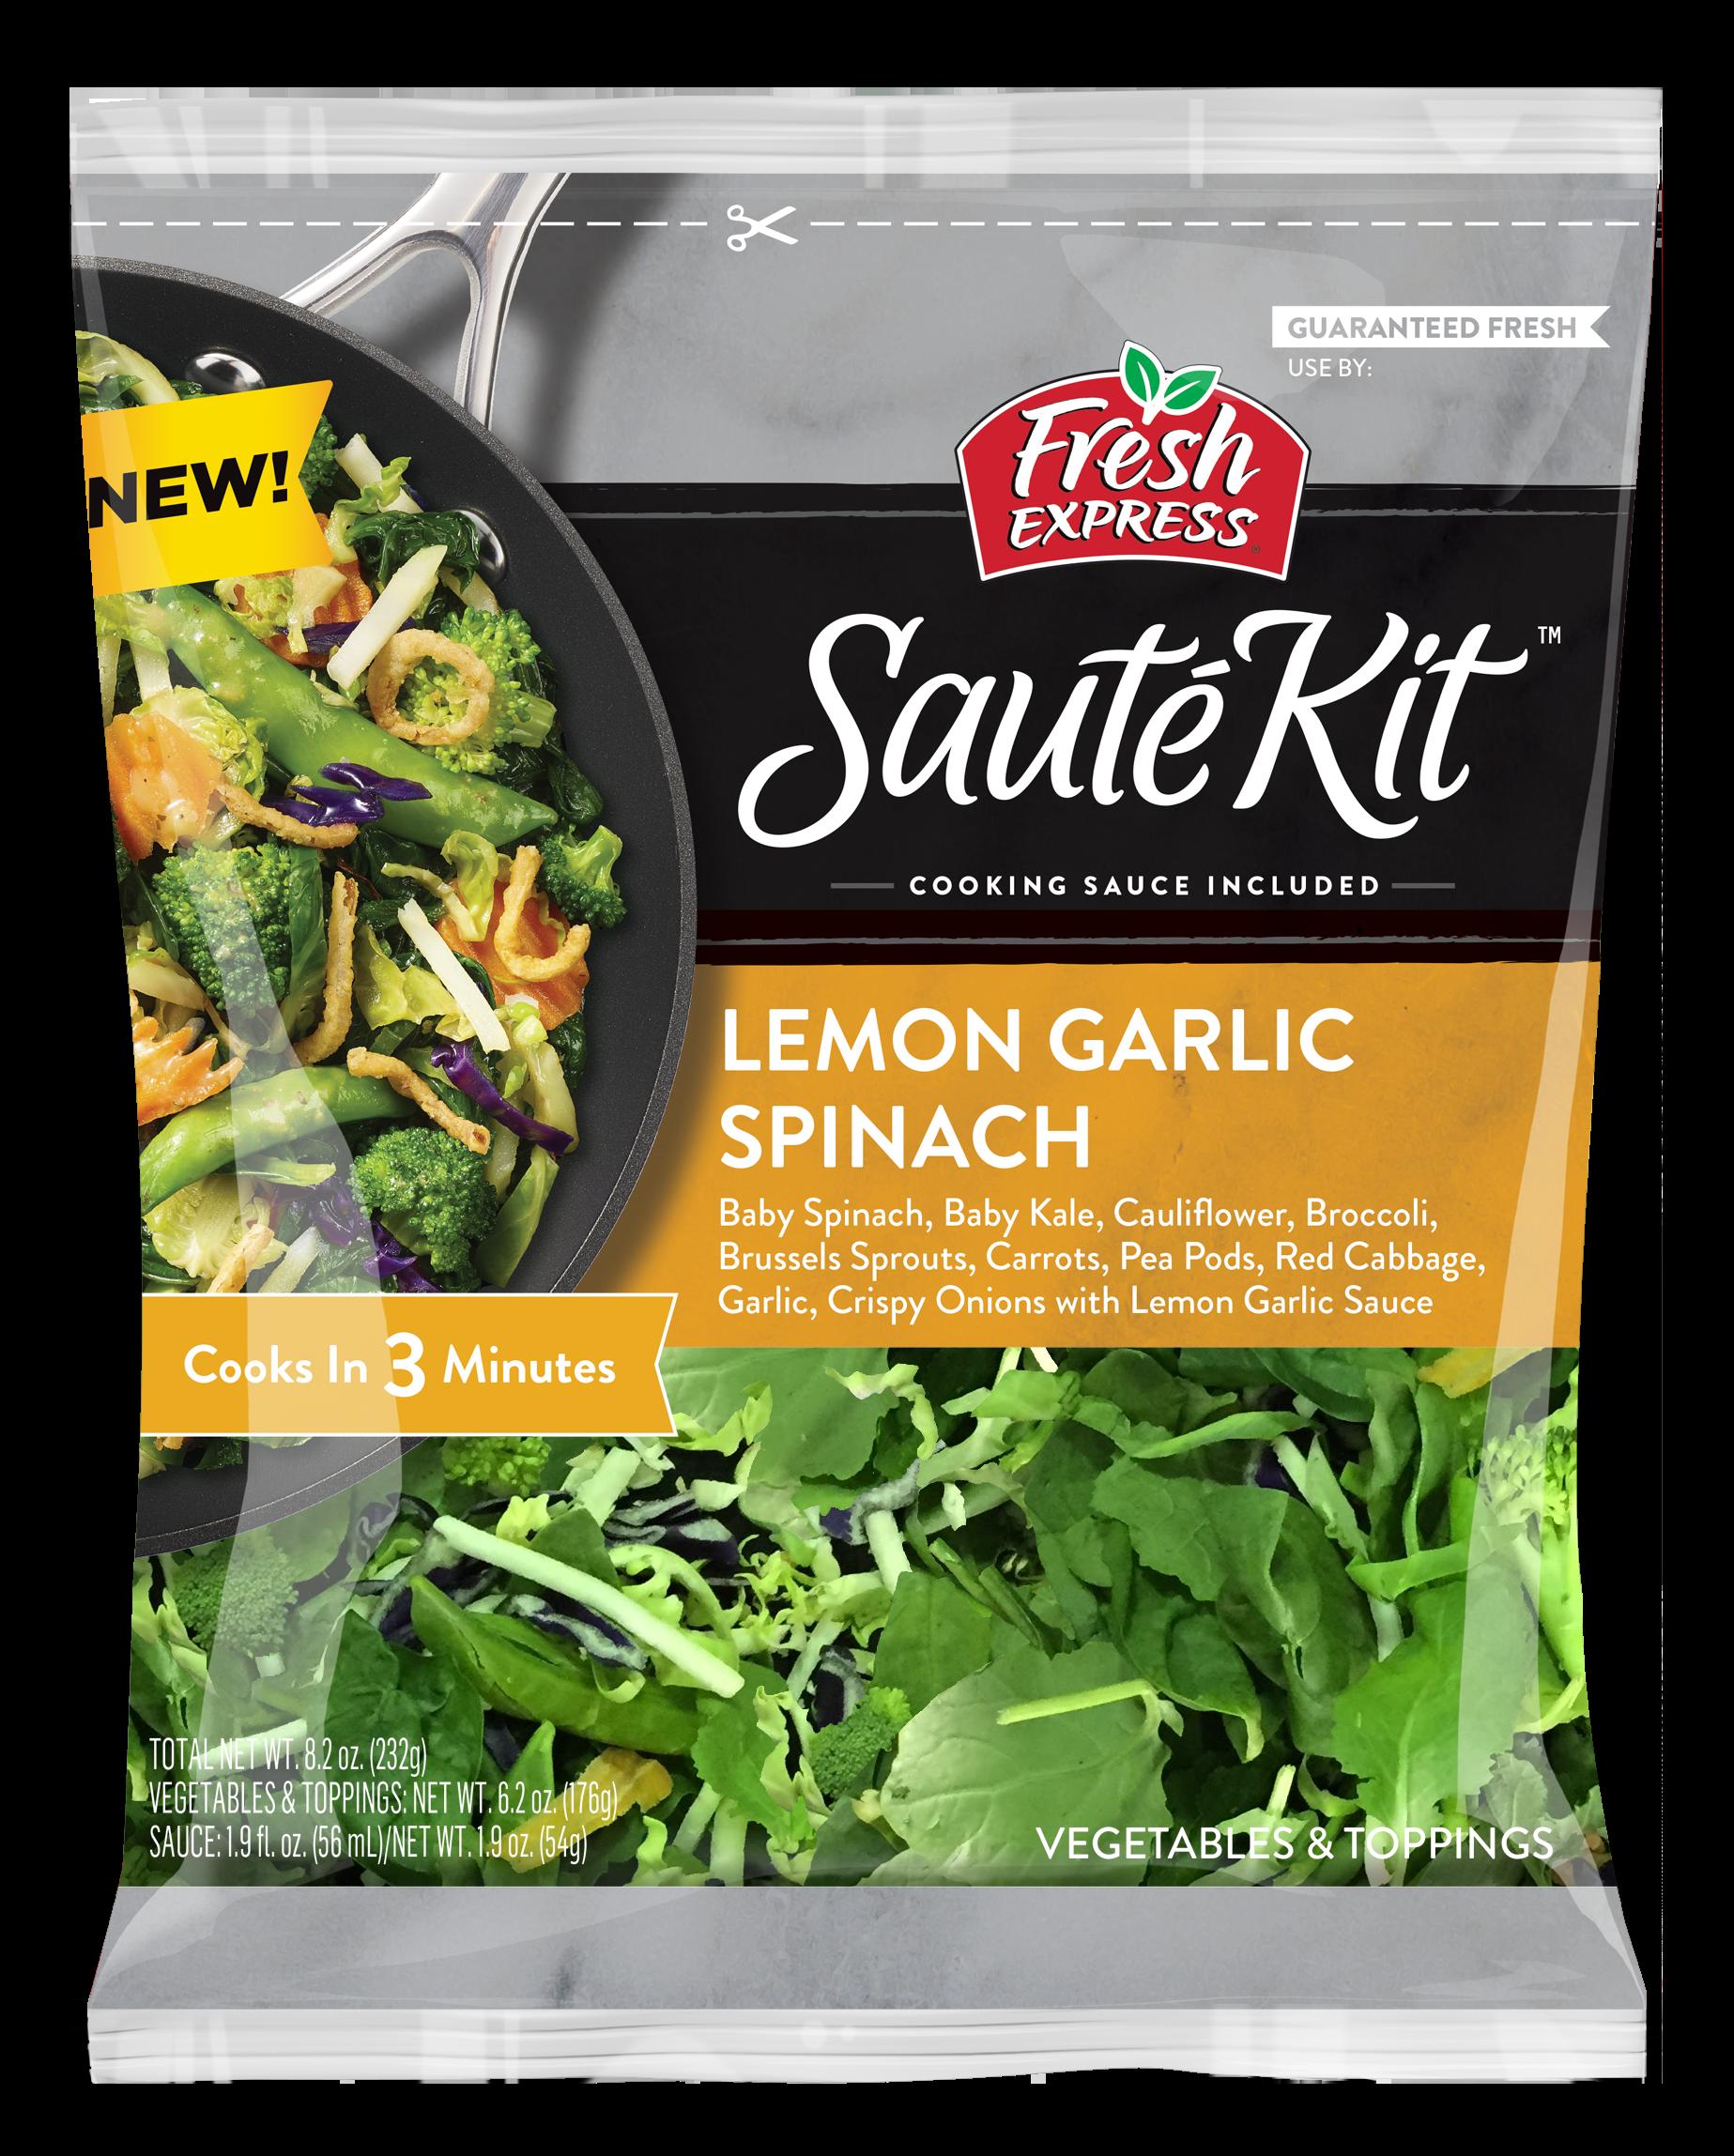 Fresh Express Launches Sauté Kits